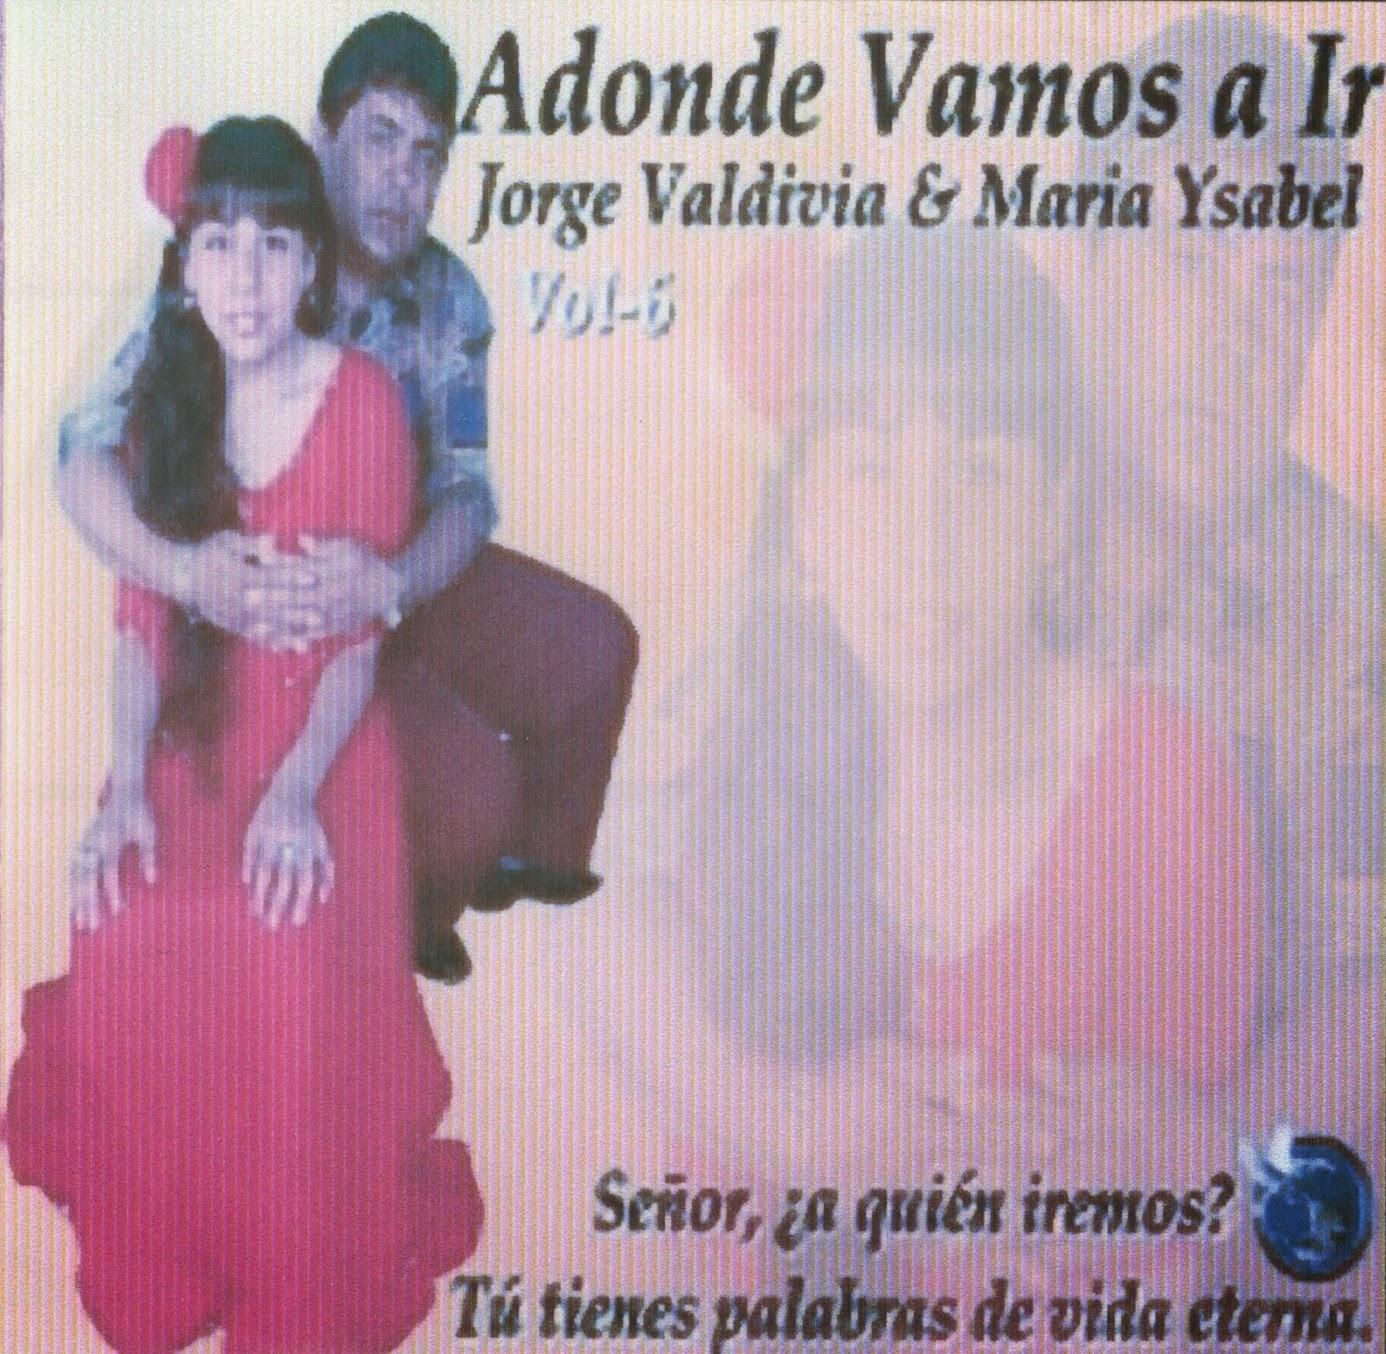 Jorge Valdivia & Maria Ysabel-Vol 6-Adonde Vamos a Ir-